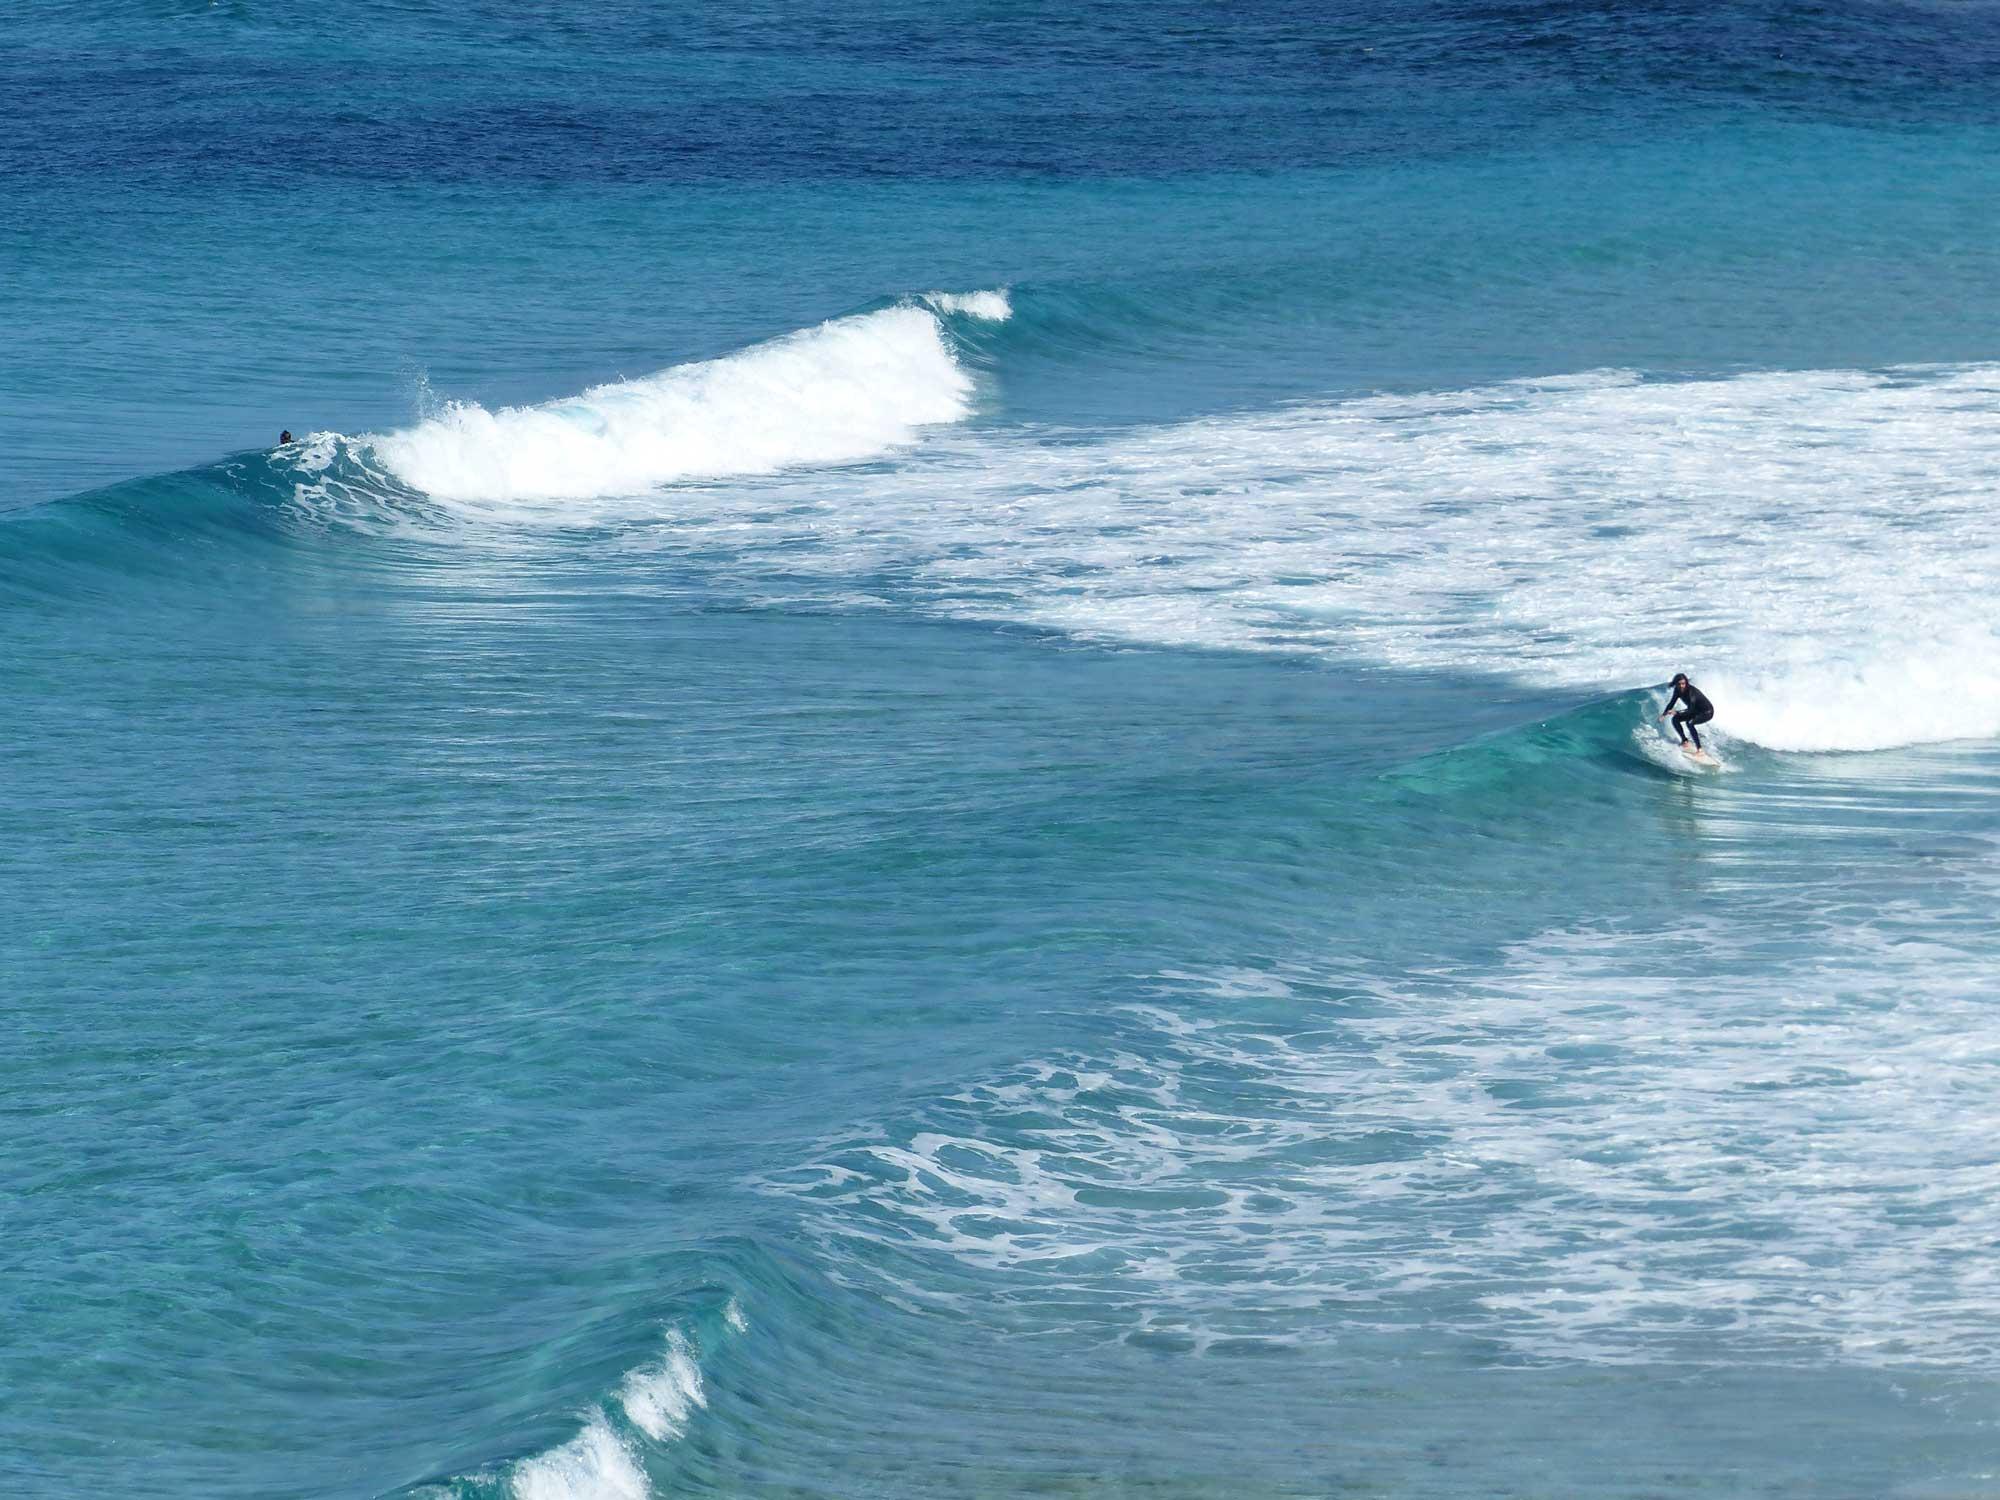 """Ein Secret Spot in der Gegend von Cala Ratjada. So eine Wasserfarbe gibt es auf Mallorca übrigens gar nicht so selten. Berni, der Gründer der Laola Surf School in Palma, erzählt immer noch gerne von einer Session vor zehn Jahren in Cala Agulla. """"Da war das Wasser so klar, dass man die Wall vor sich kaum erkennen konnte. Man sah quasi nur den Meeresgrund unter sich und kein Wasser."""""""